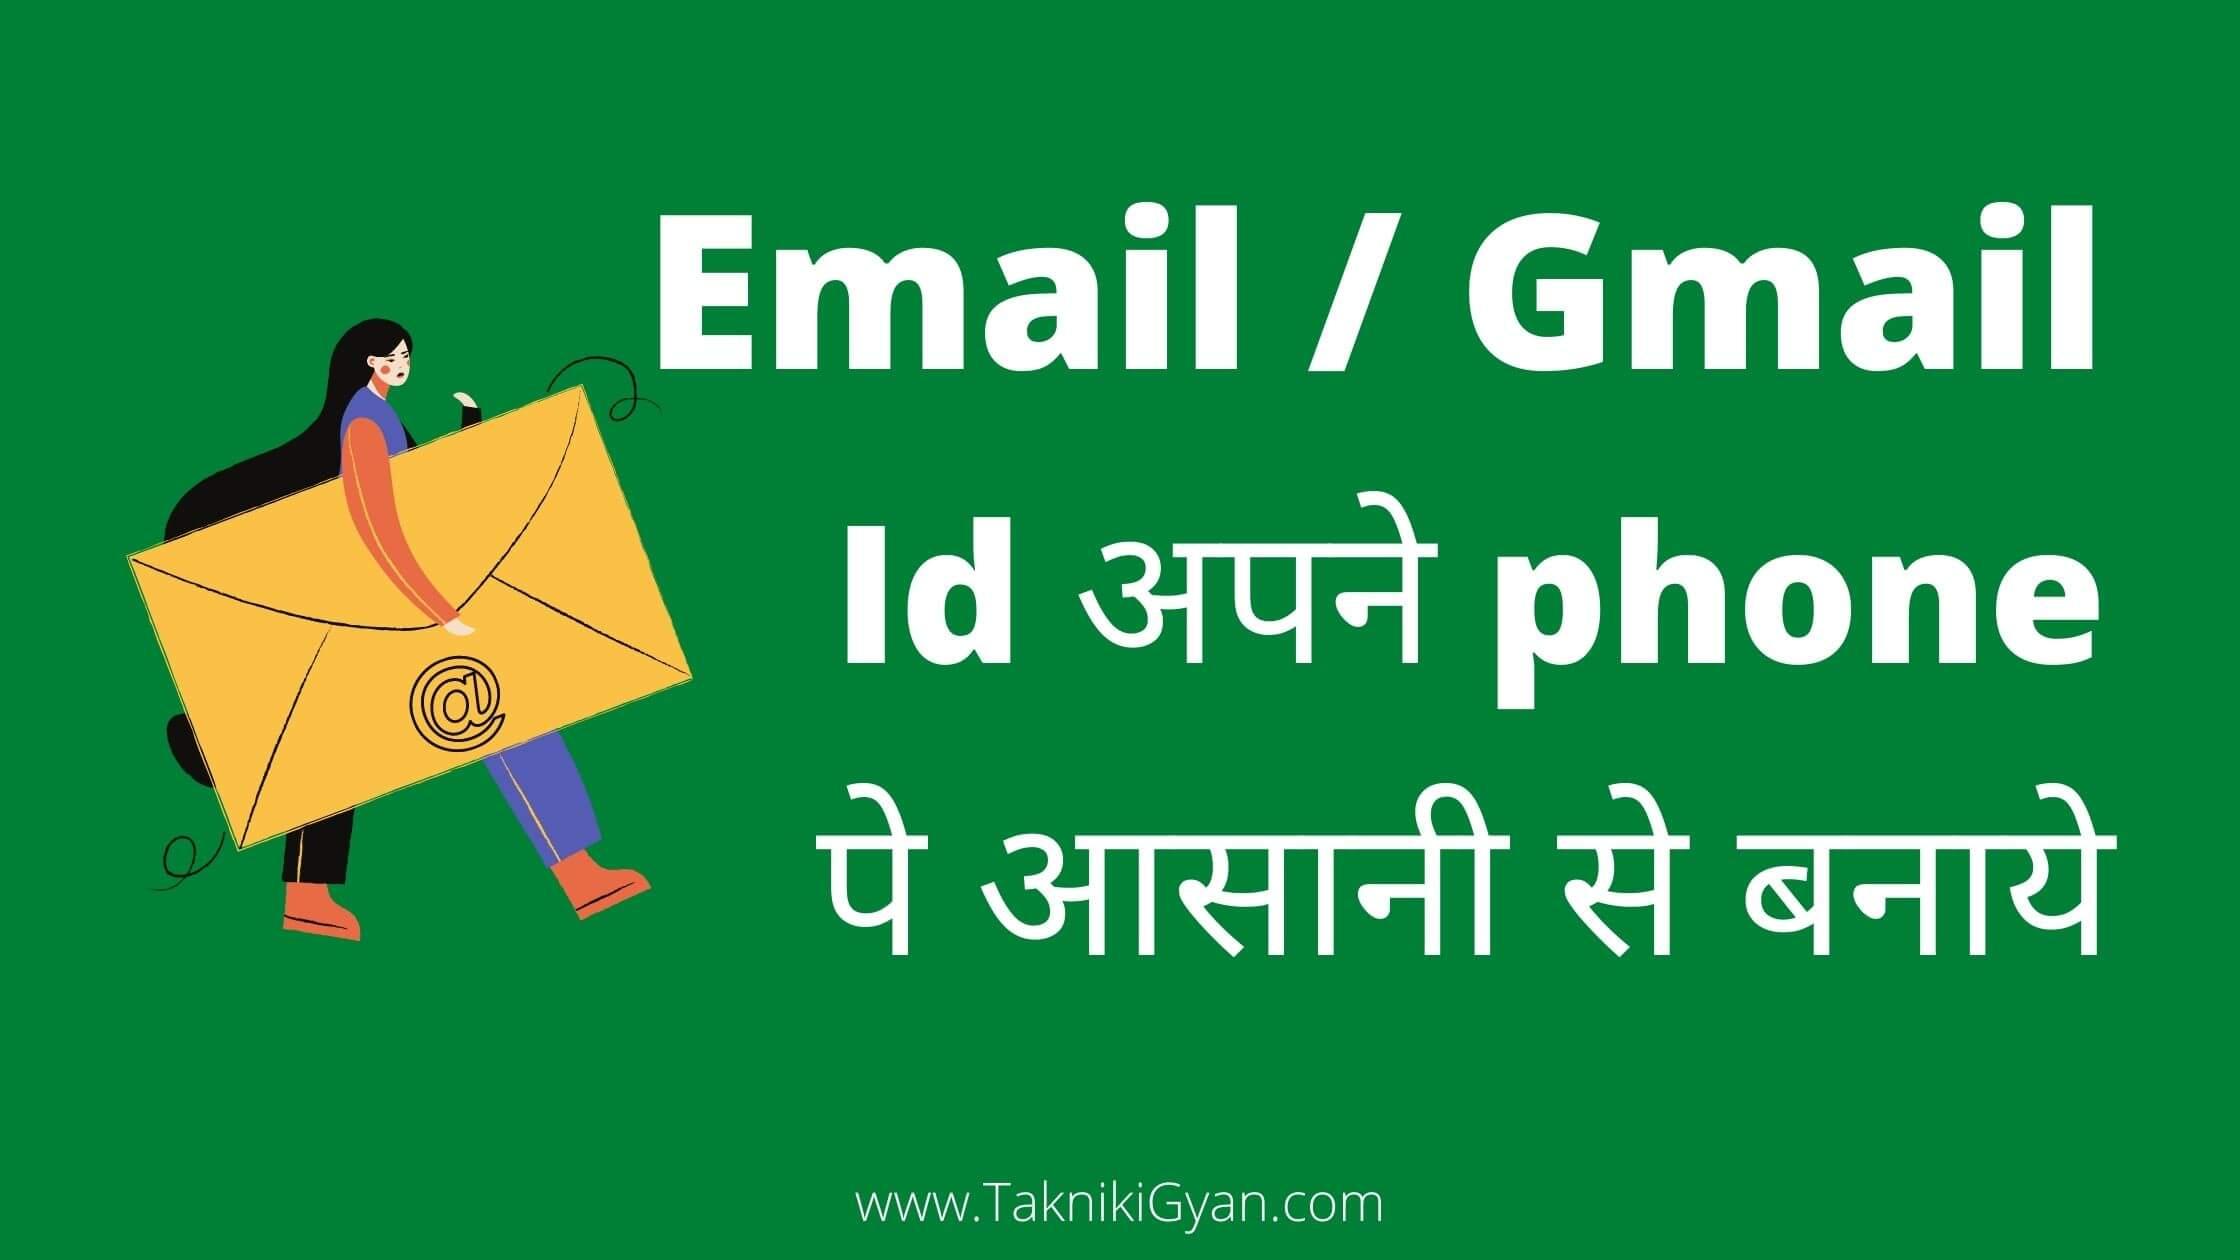 Email | Gmail Id kaise banaye Hindi